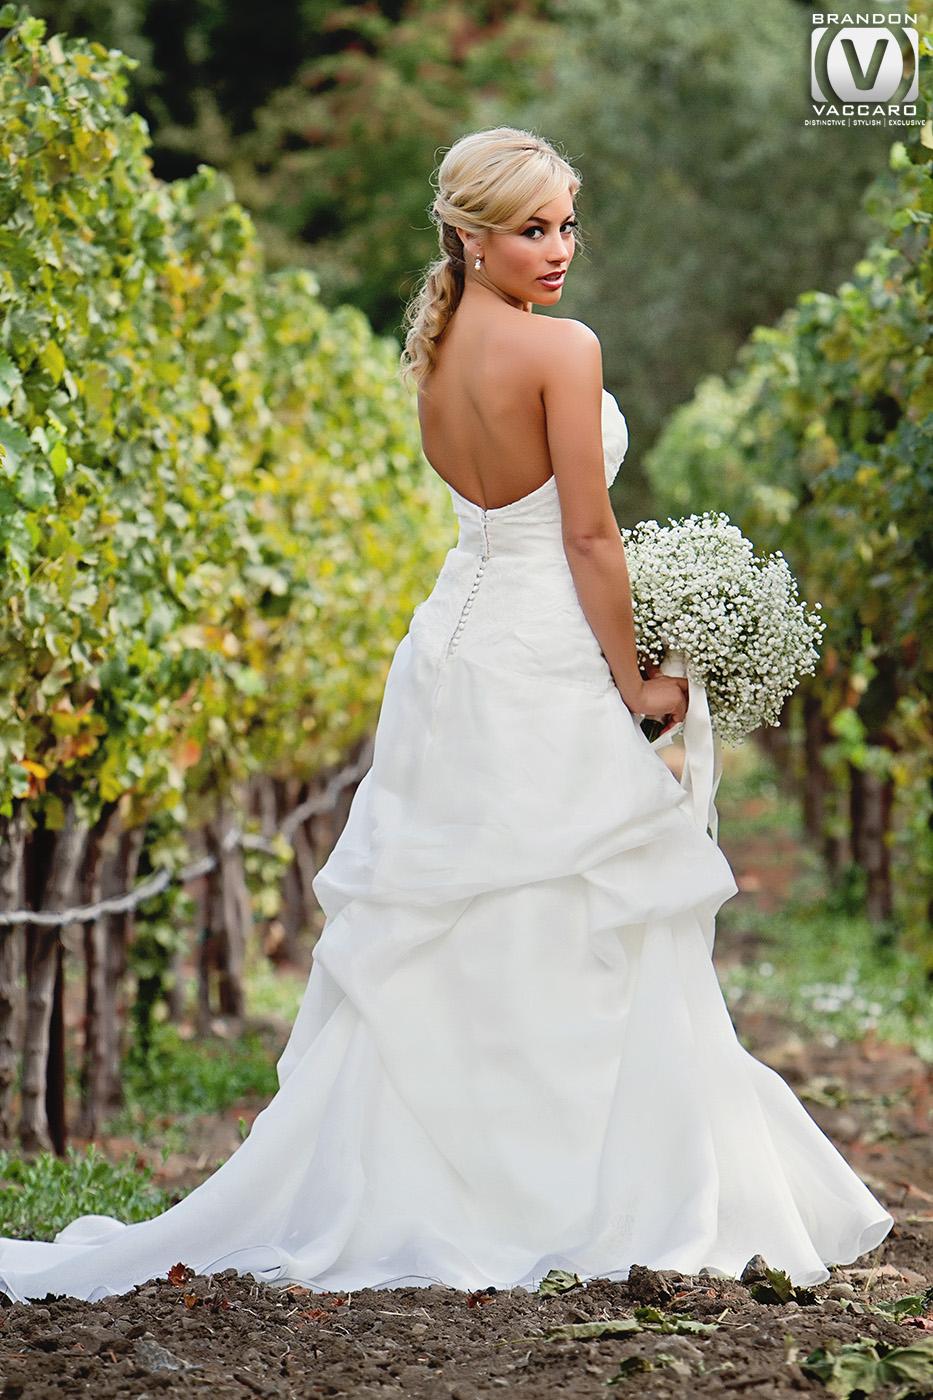 real-wedding-vintage-estate-yountville-bride.jpg